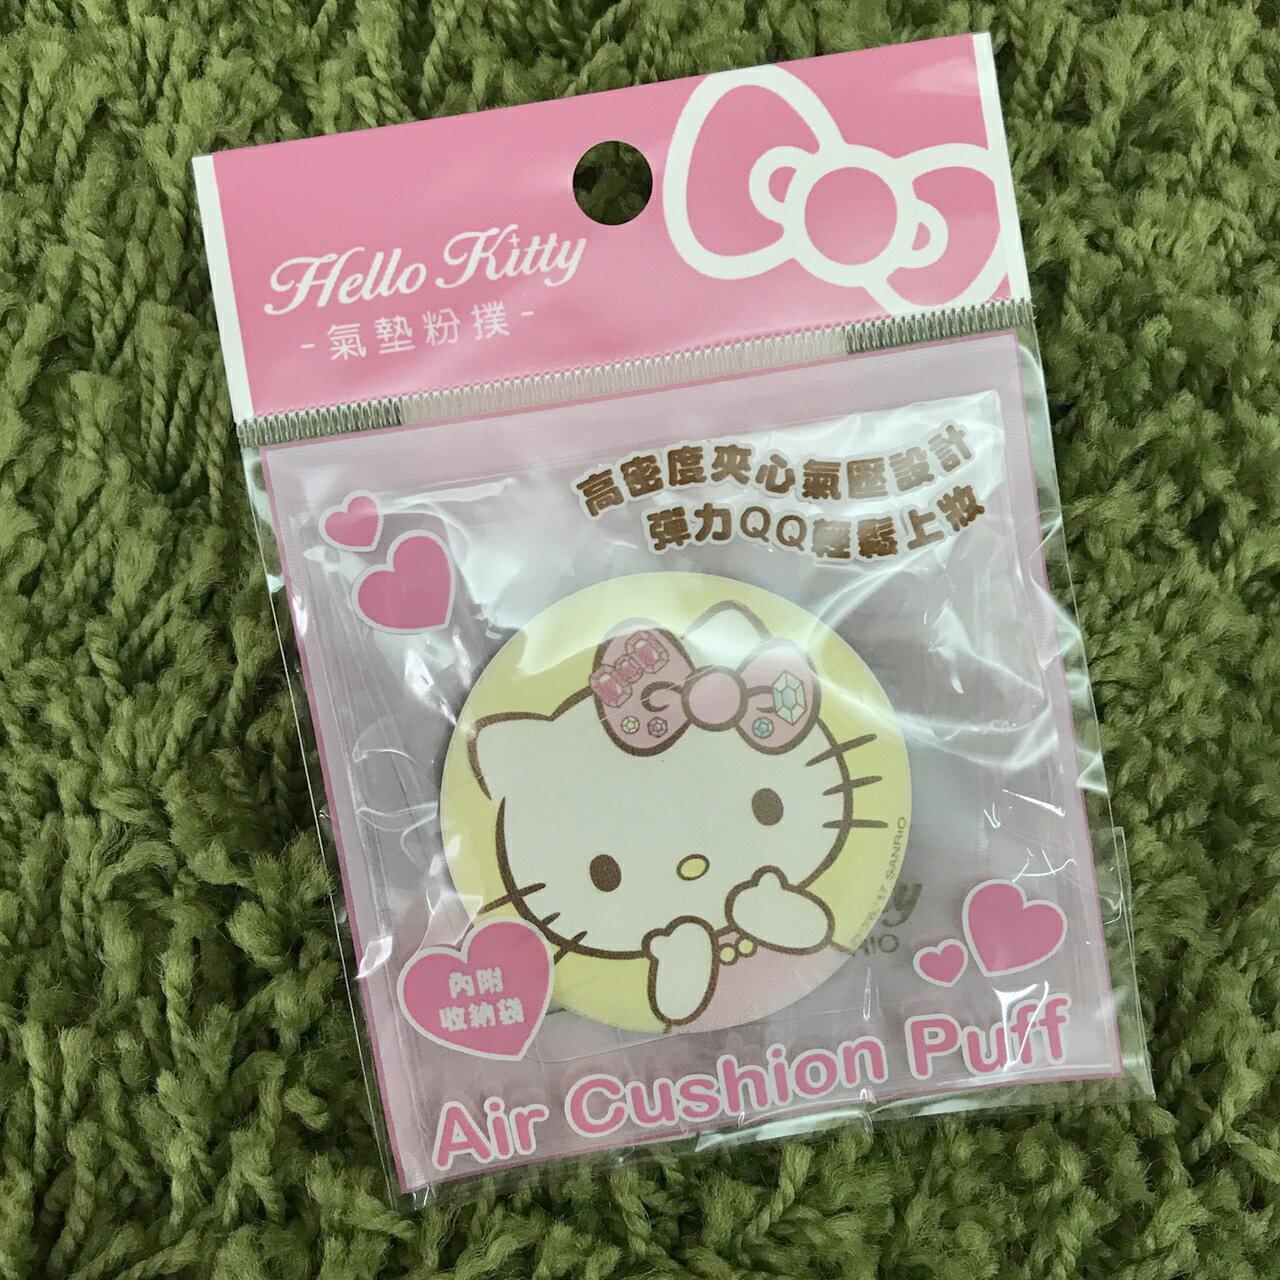 【唯愛日本】17082500001 氣墊粉撲附收納袋-KT寶石 三麗鷗 kitty 凱蒂貓 粉餅 美妝用品